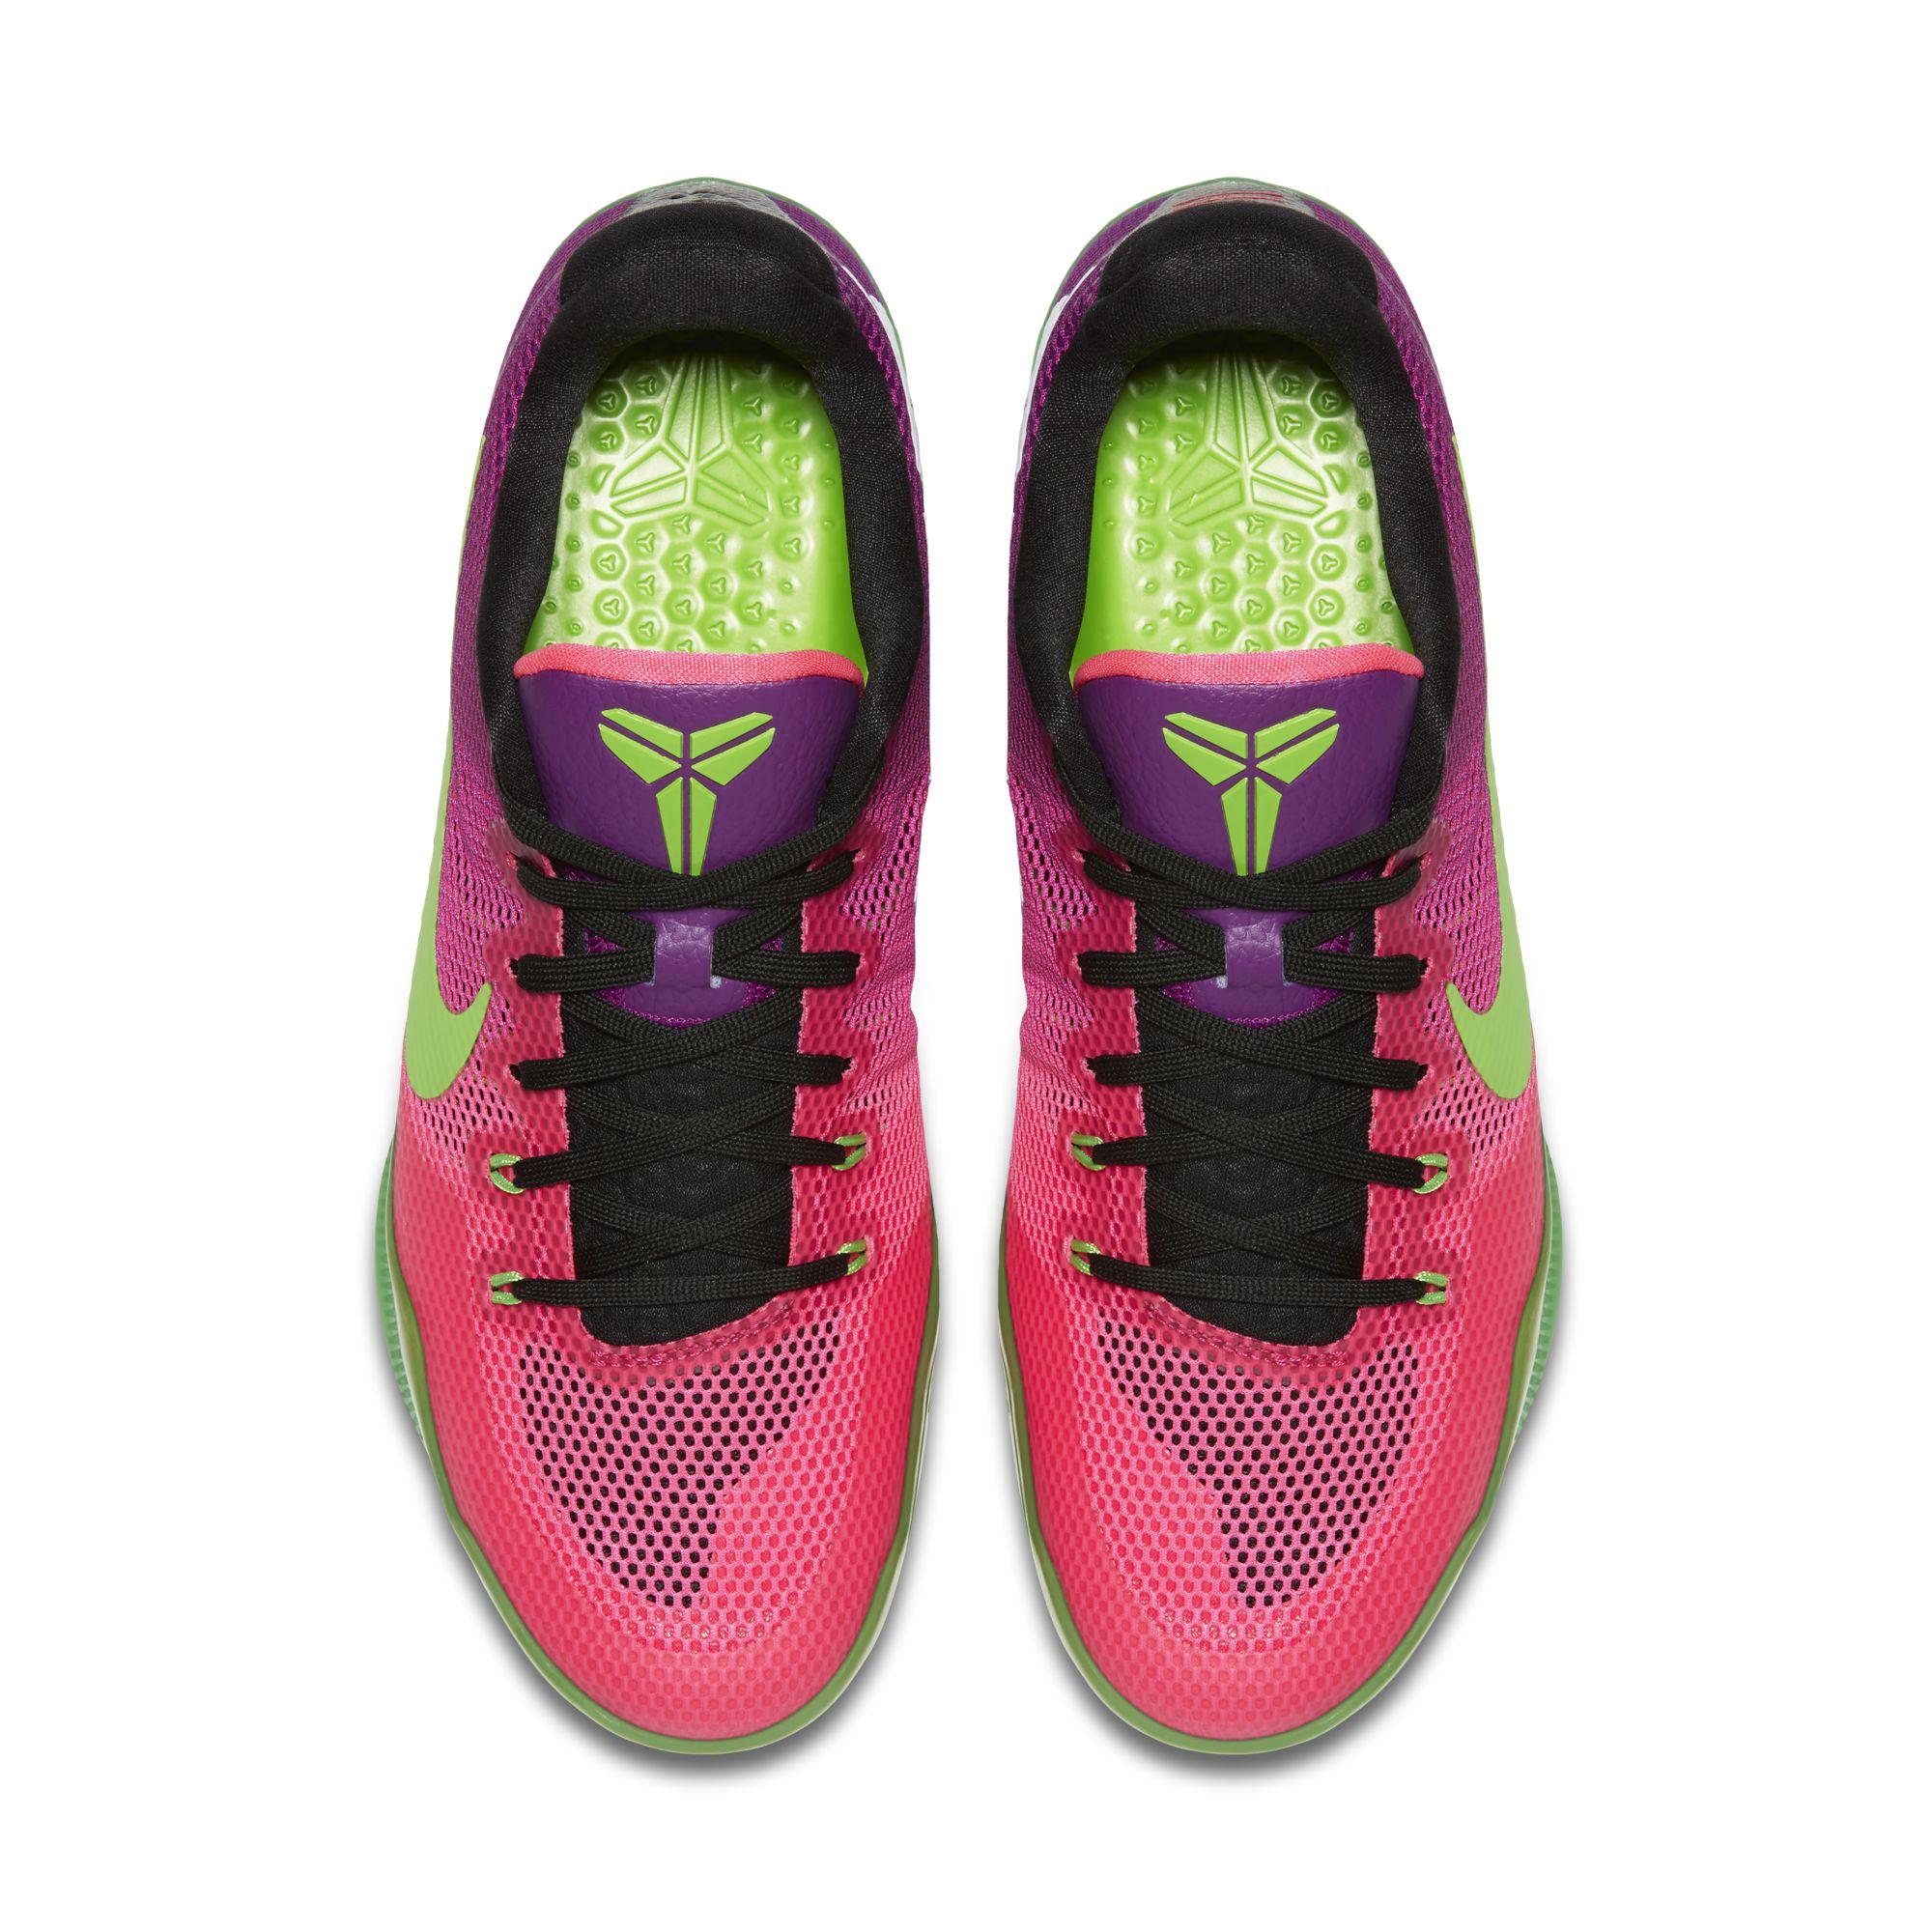 Kobe 11 Mambacurial Pink -3